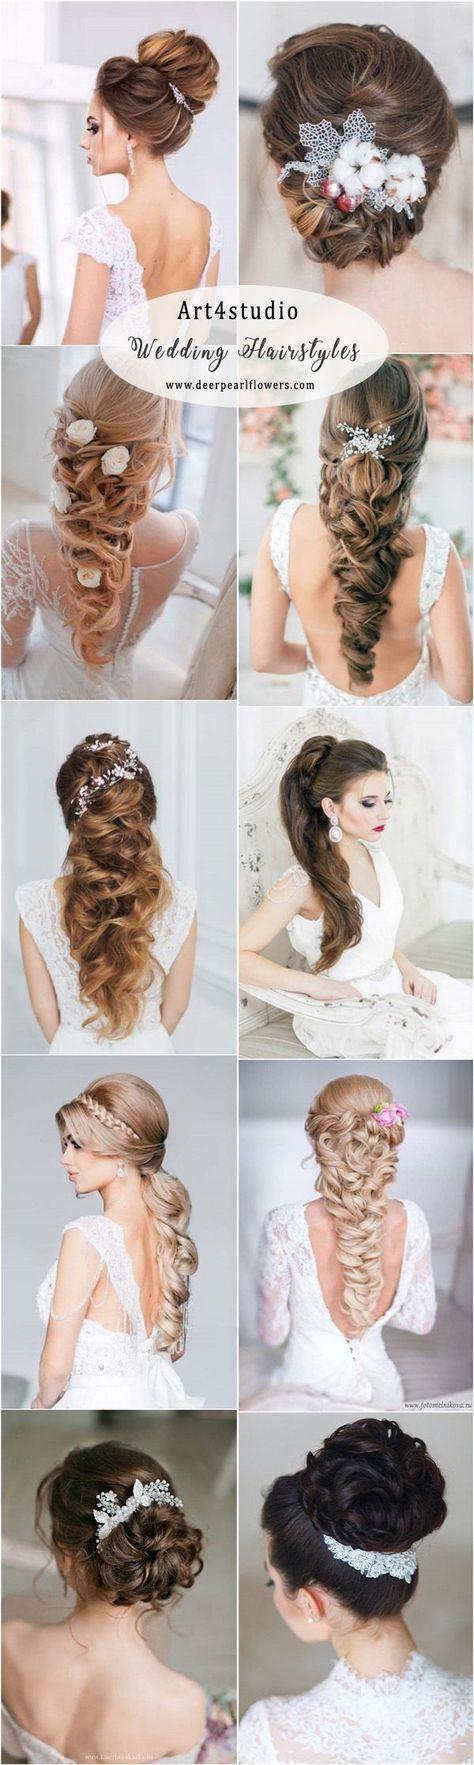 Art4studio long wedding hairstyles and wedding updos #WeddingHairstyles